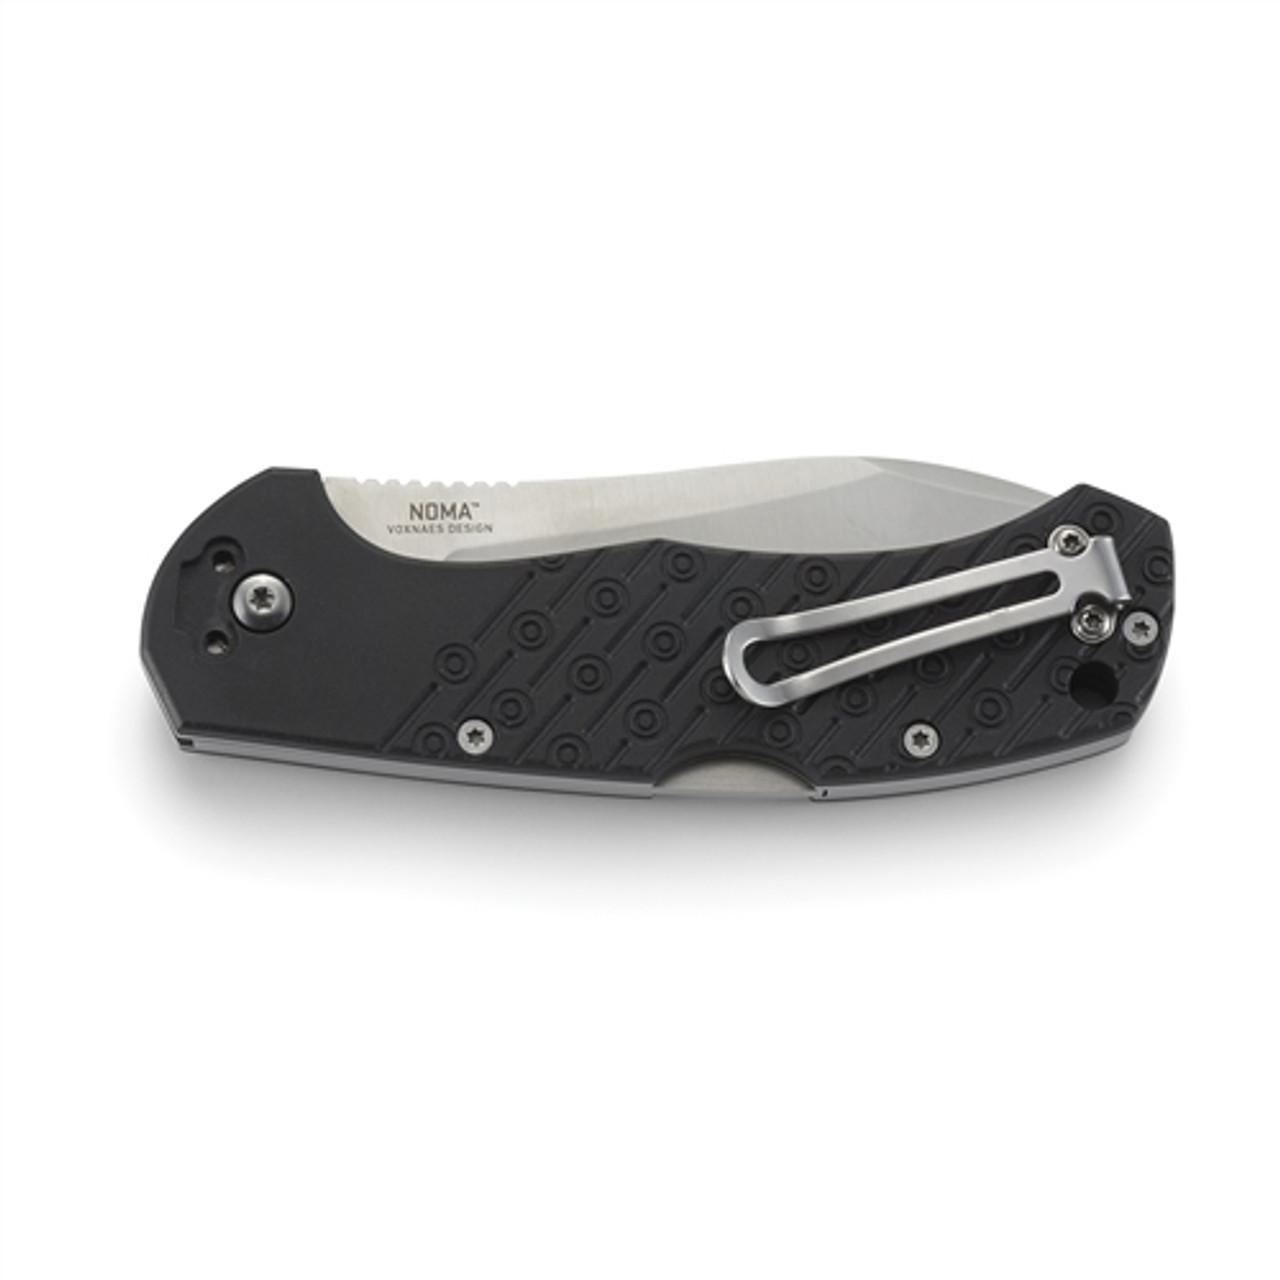 CRKT 2815 Noma Folder Knife, Satin Blade